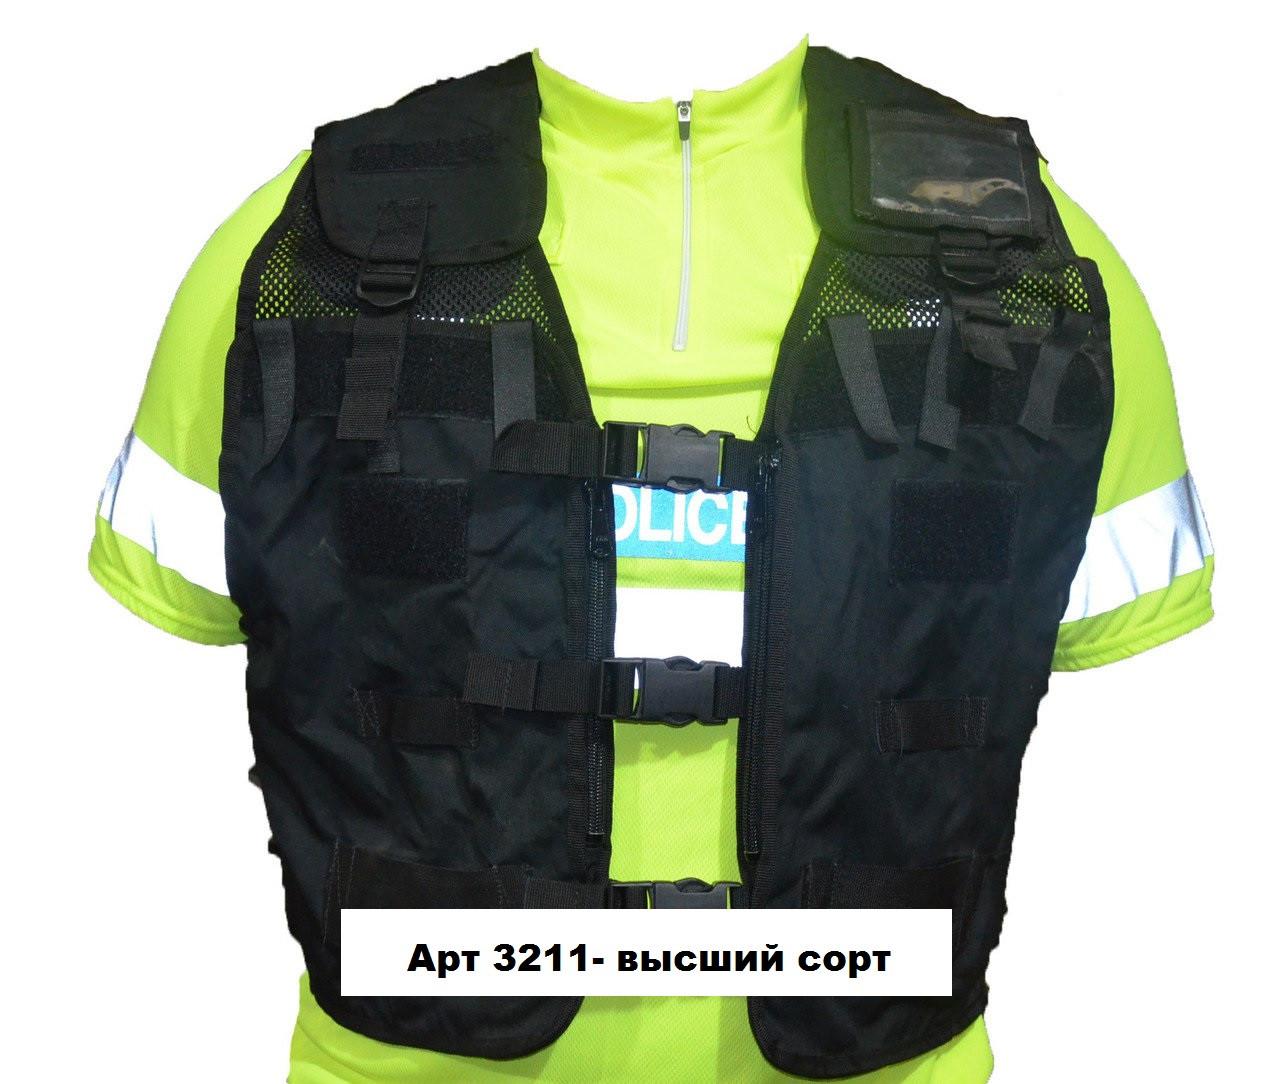 Модульная разгрузка полиции Оригинал Британия  Высший сорт